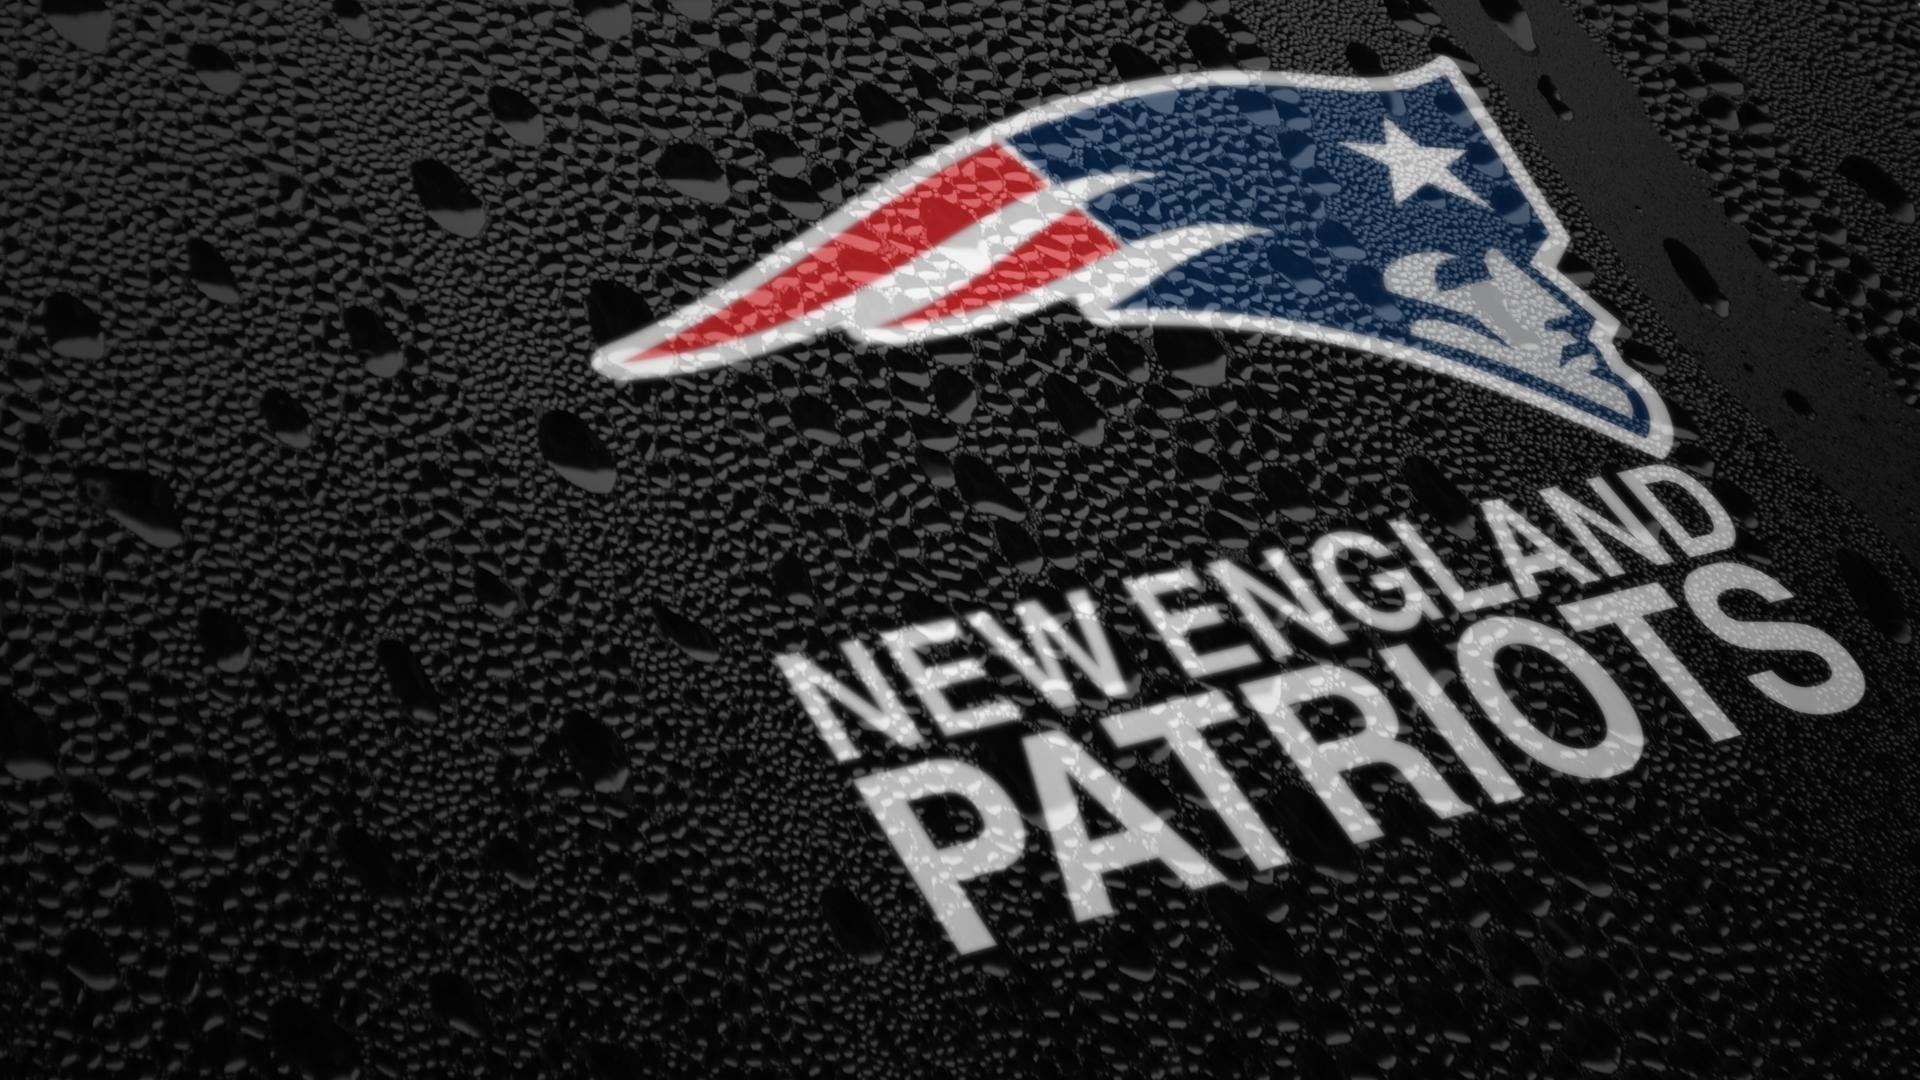 New England Patriots Schedule HD Desktop Wallpaper | HD Desktop | Free  Wallpapers | Pinterest | Patriots schedule and Wallpaper